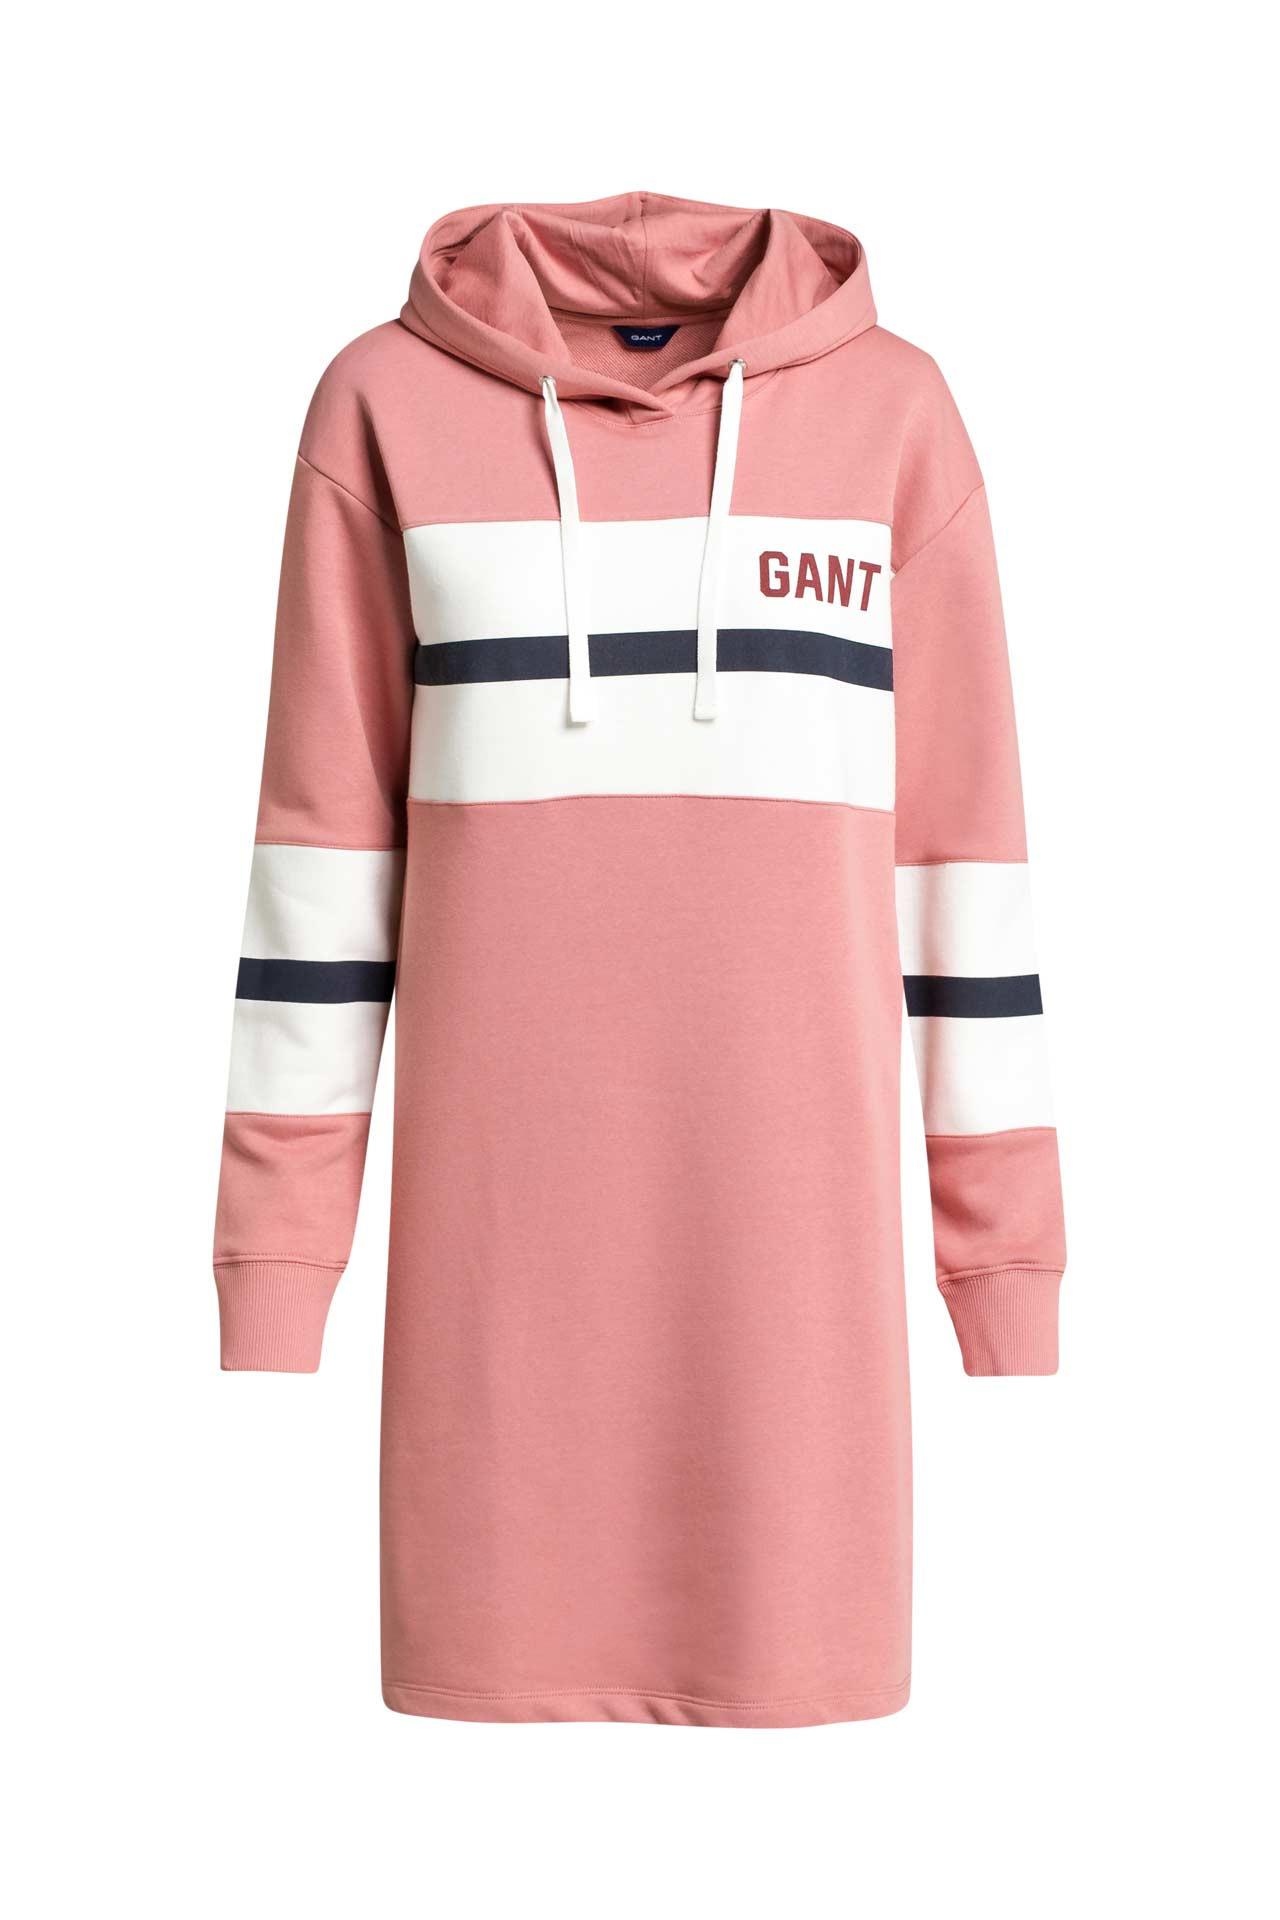 Sweatkleid Rosa  Gant » Günstig Online Kaufen